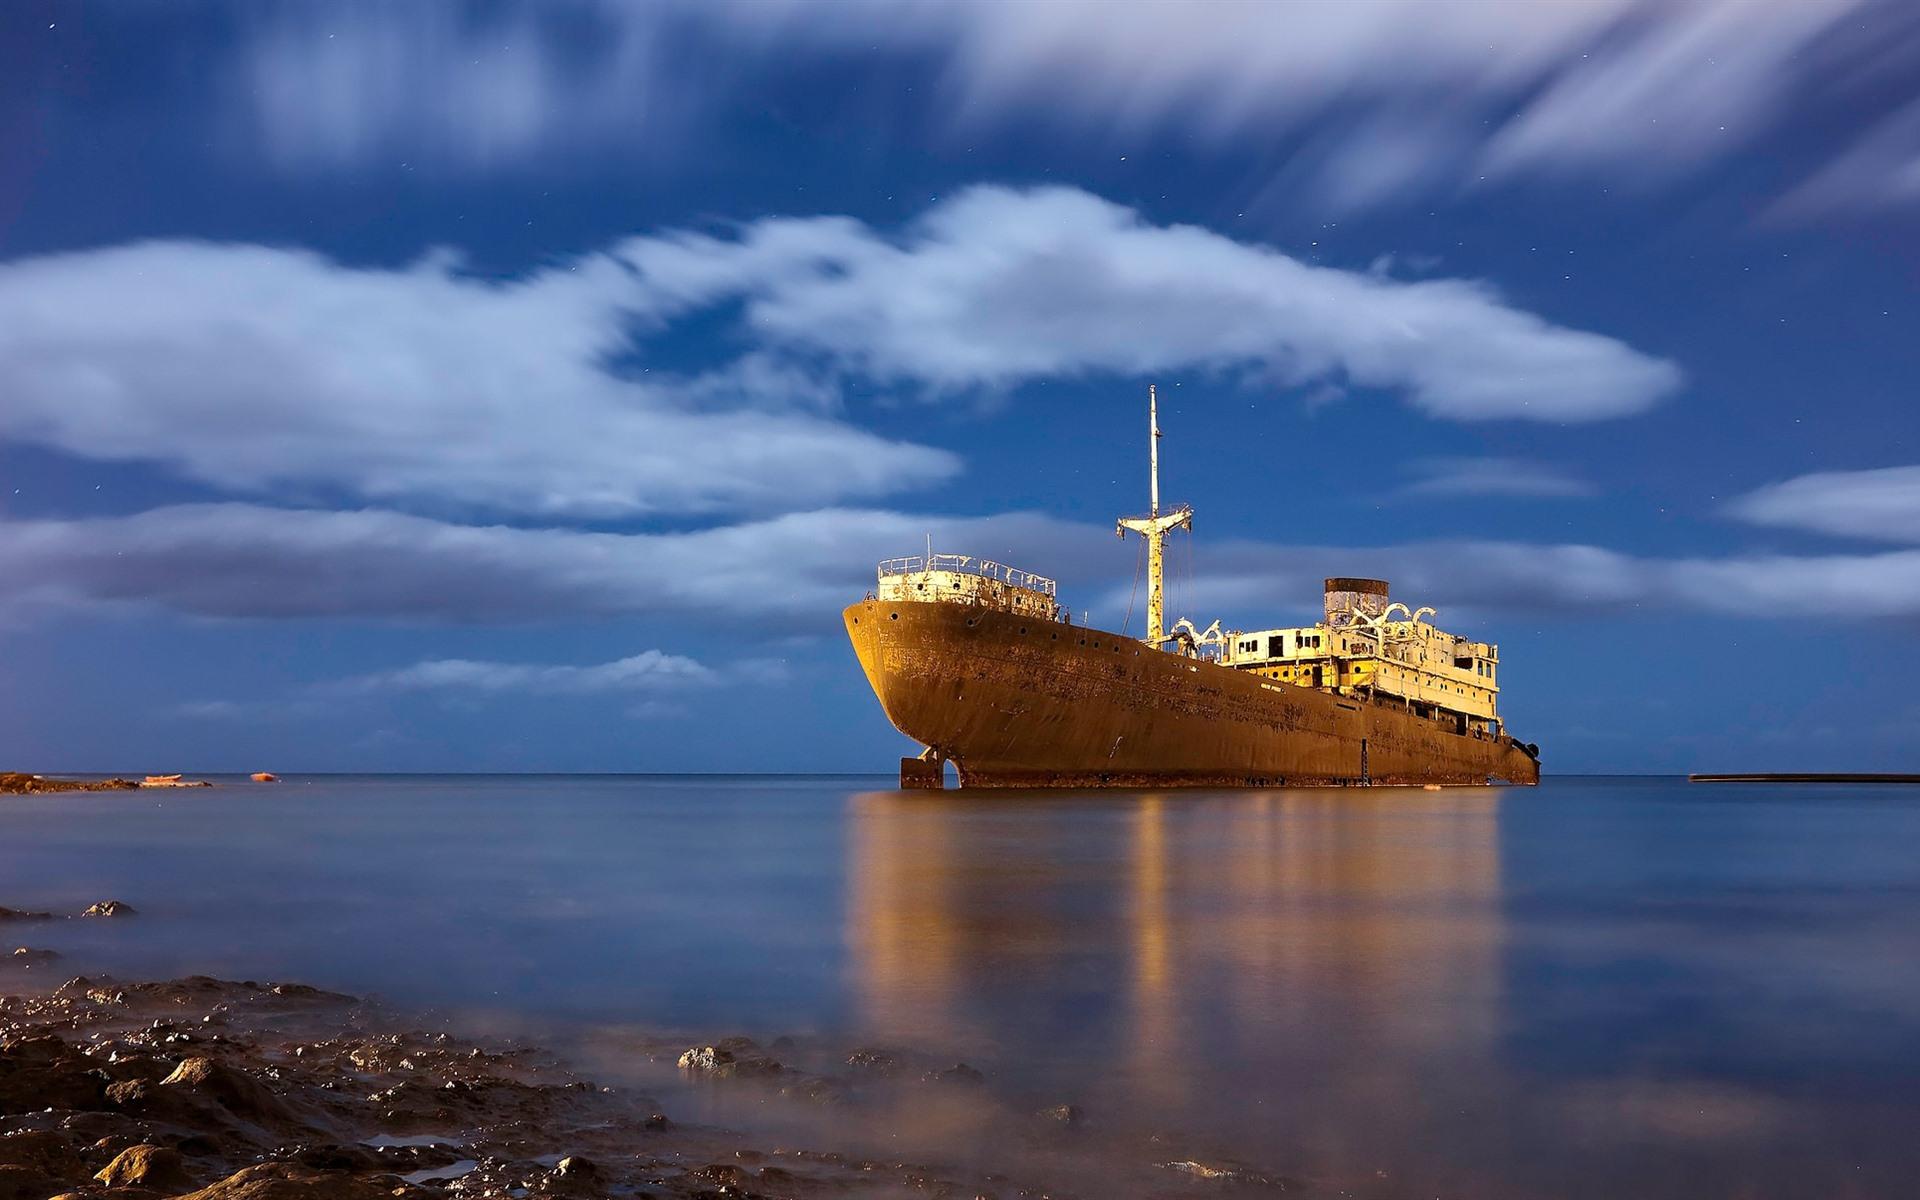 Wallpaper Rusty Ship Sea 1920x1200 Hd Picture Image